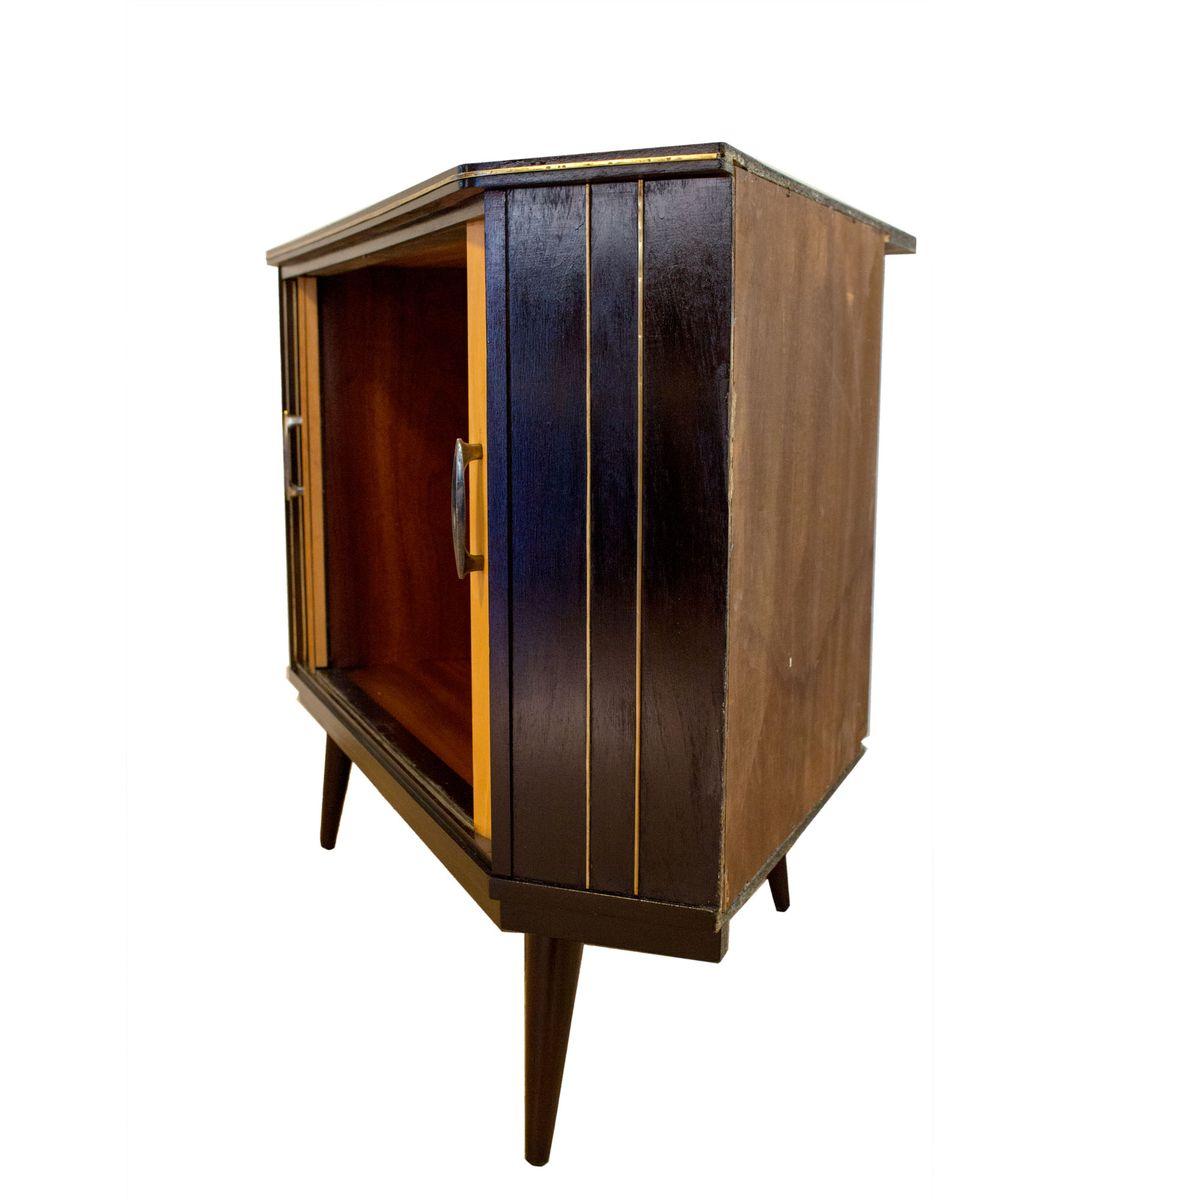 deutscher mid century eckschrank mit schiebet ren bei pamono kaufen. Black Bedroom Furniture Sets. Home Design Ideas